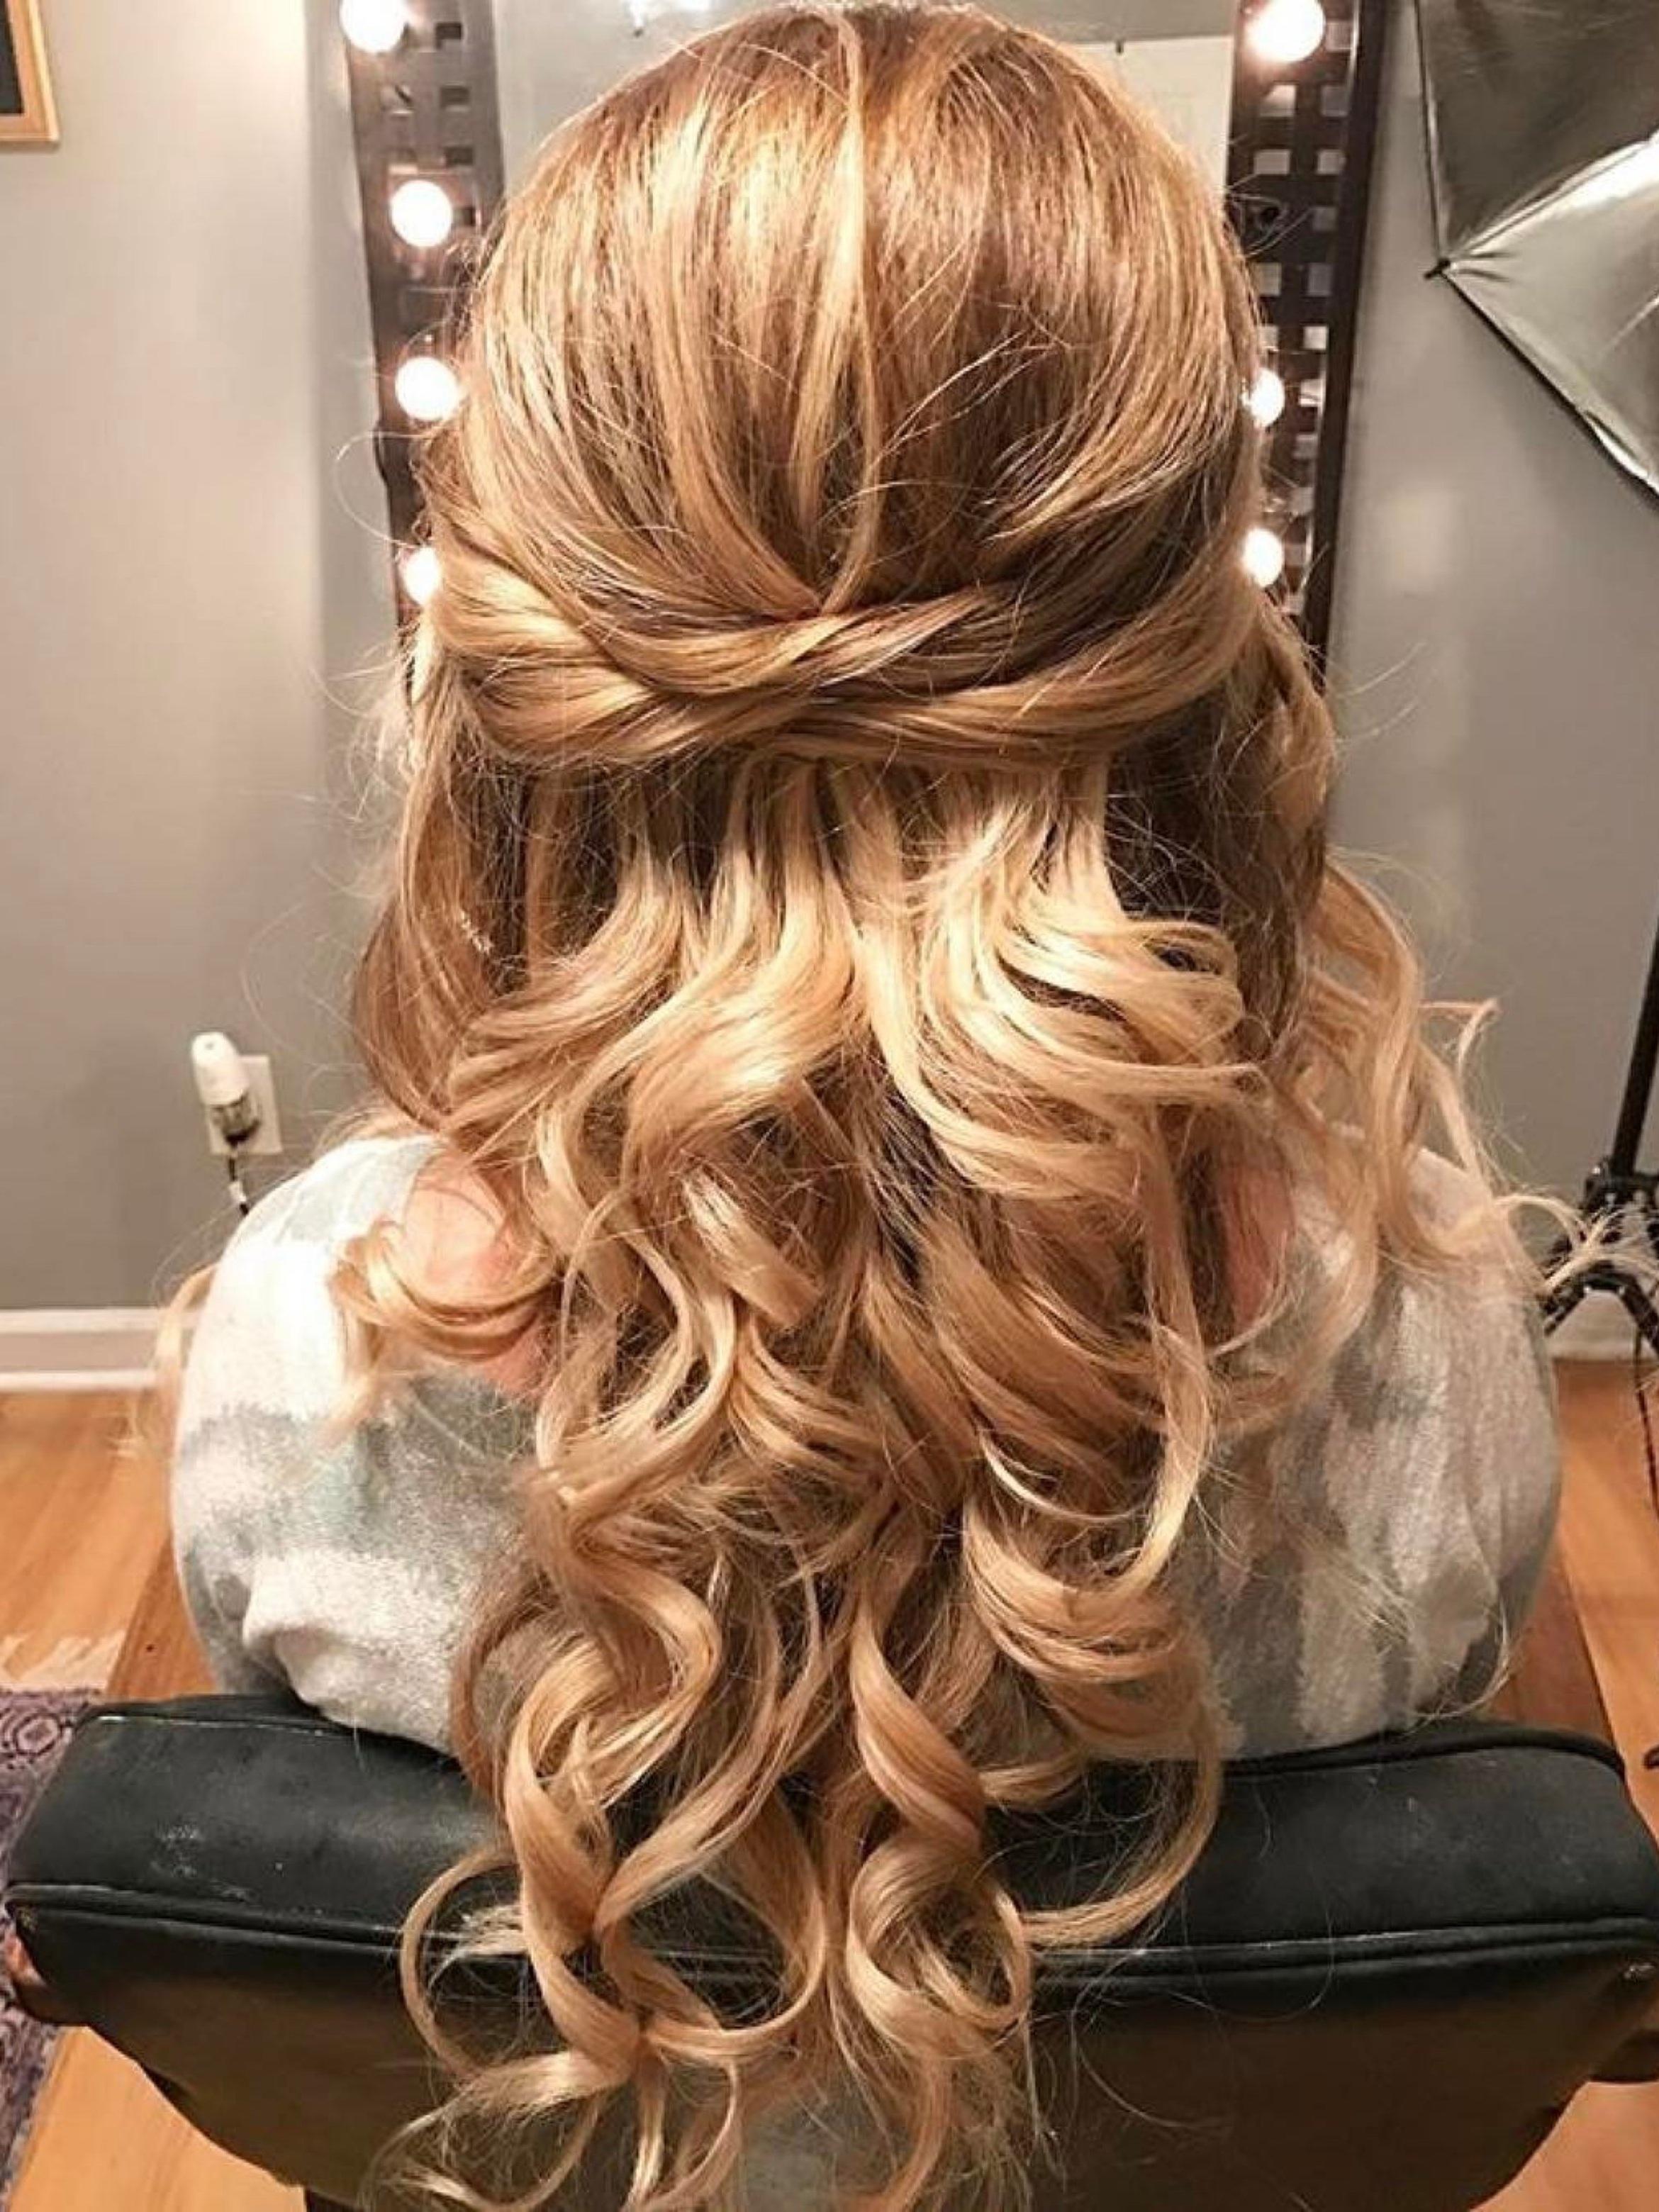 newnan-wedding-hairstylist